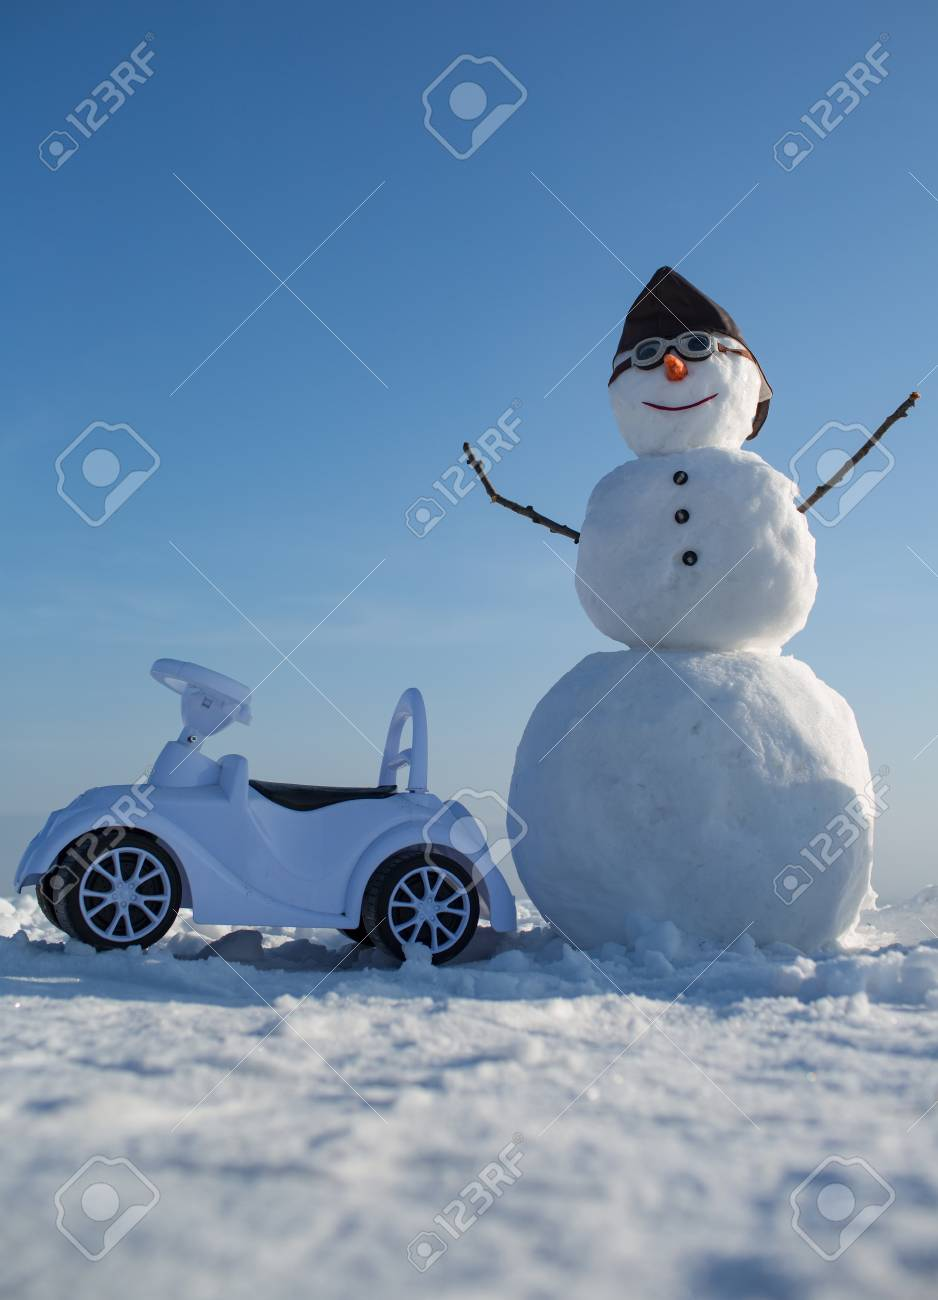 Año Nuevo Muñeco De Nieve En Sombrero Piloto Y Gafas. Feliz ...